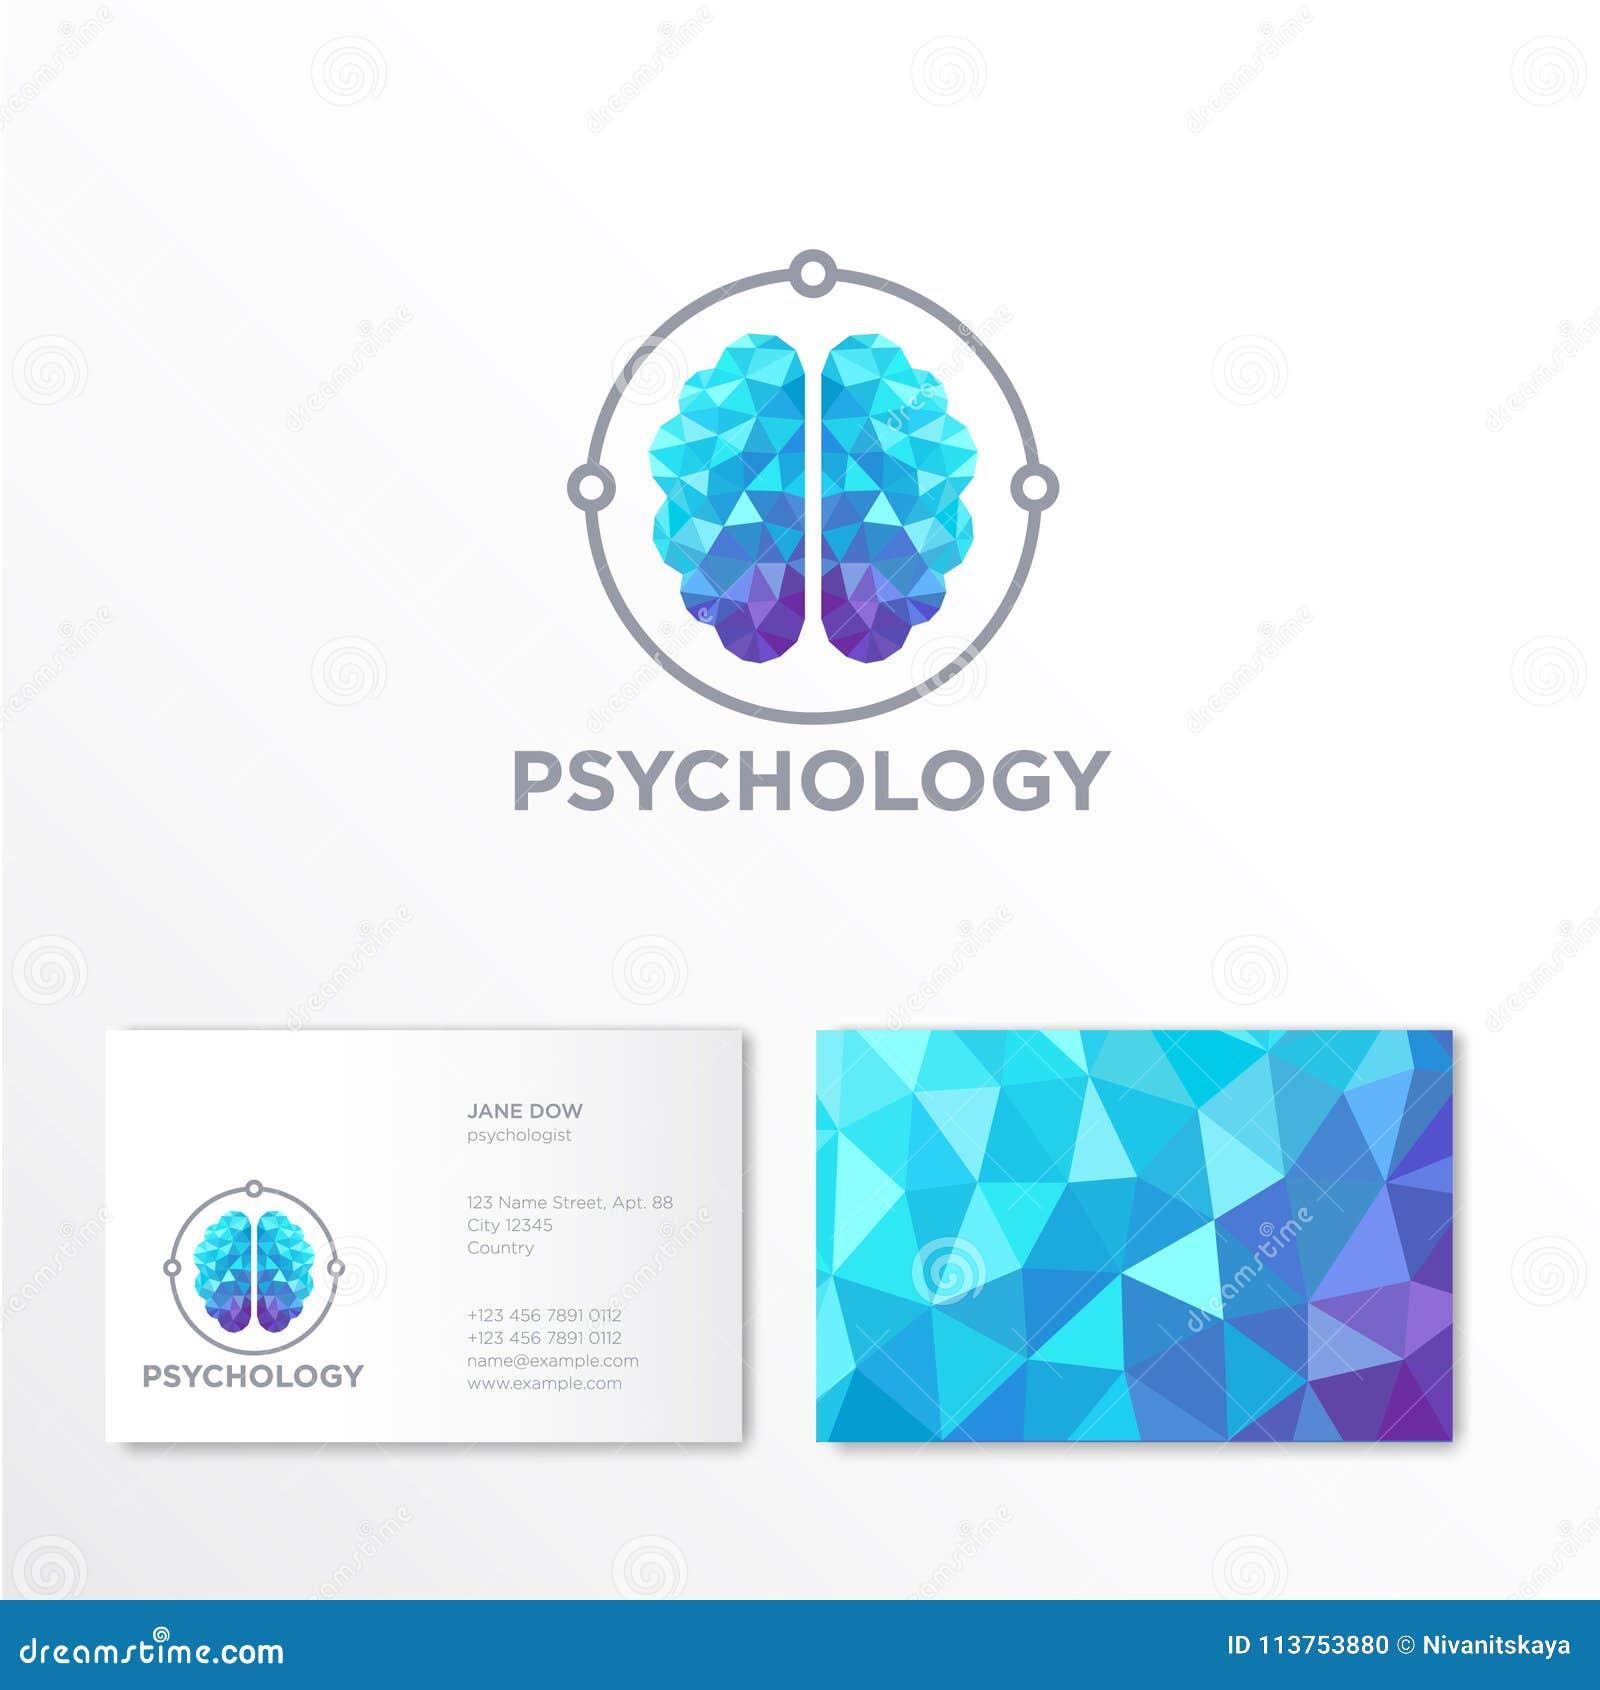 Logo De Psychologie Embleme En Cristal Bleu Et Violet Cerveau Identite Carte Visite Professionnelle